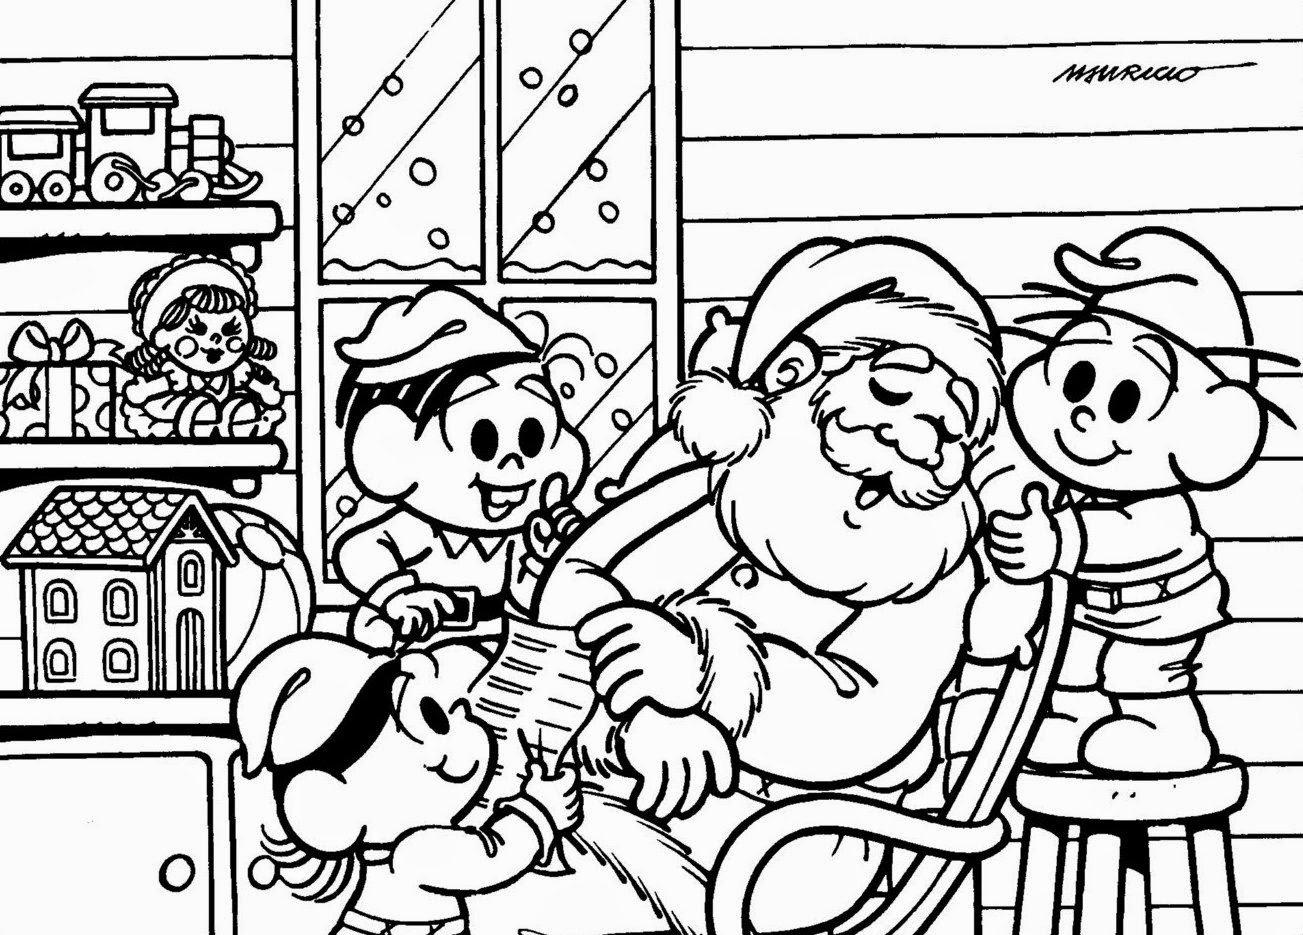 Melhores Desenhos Para Colorir Do Papai Noel E Natal